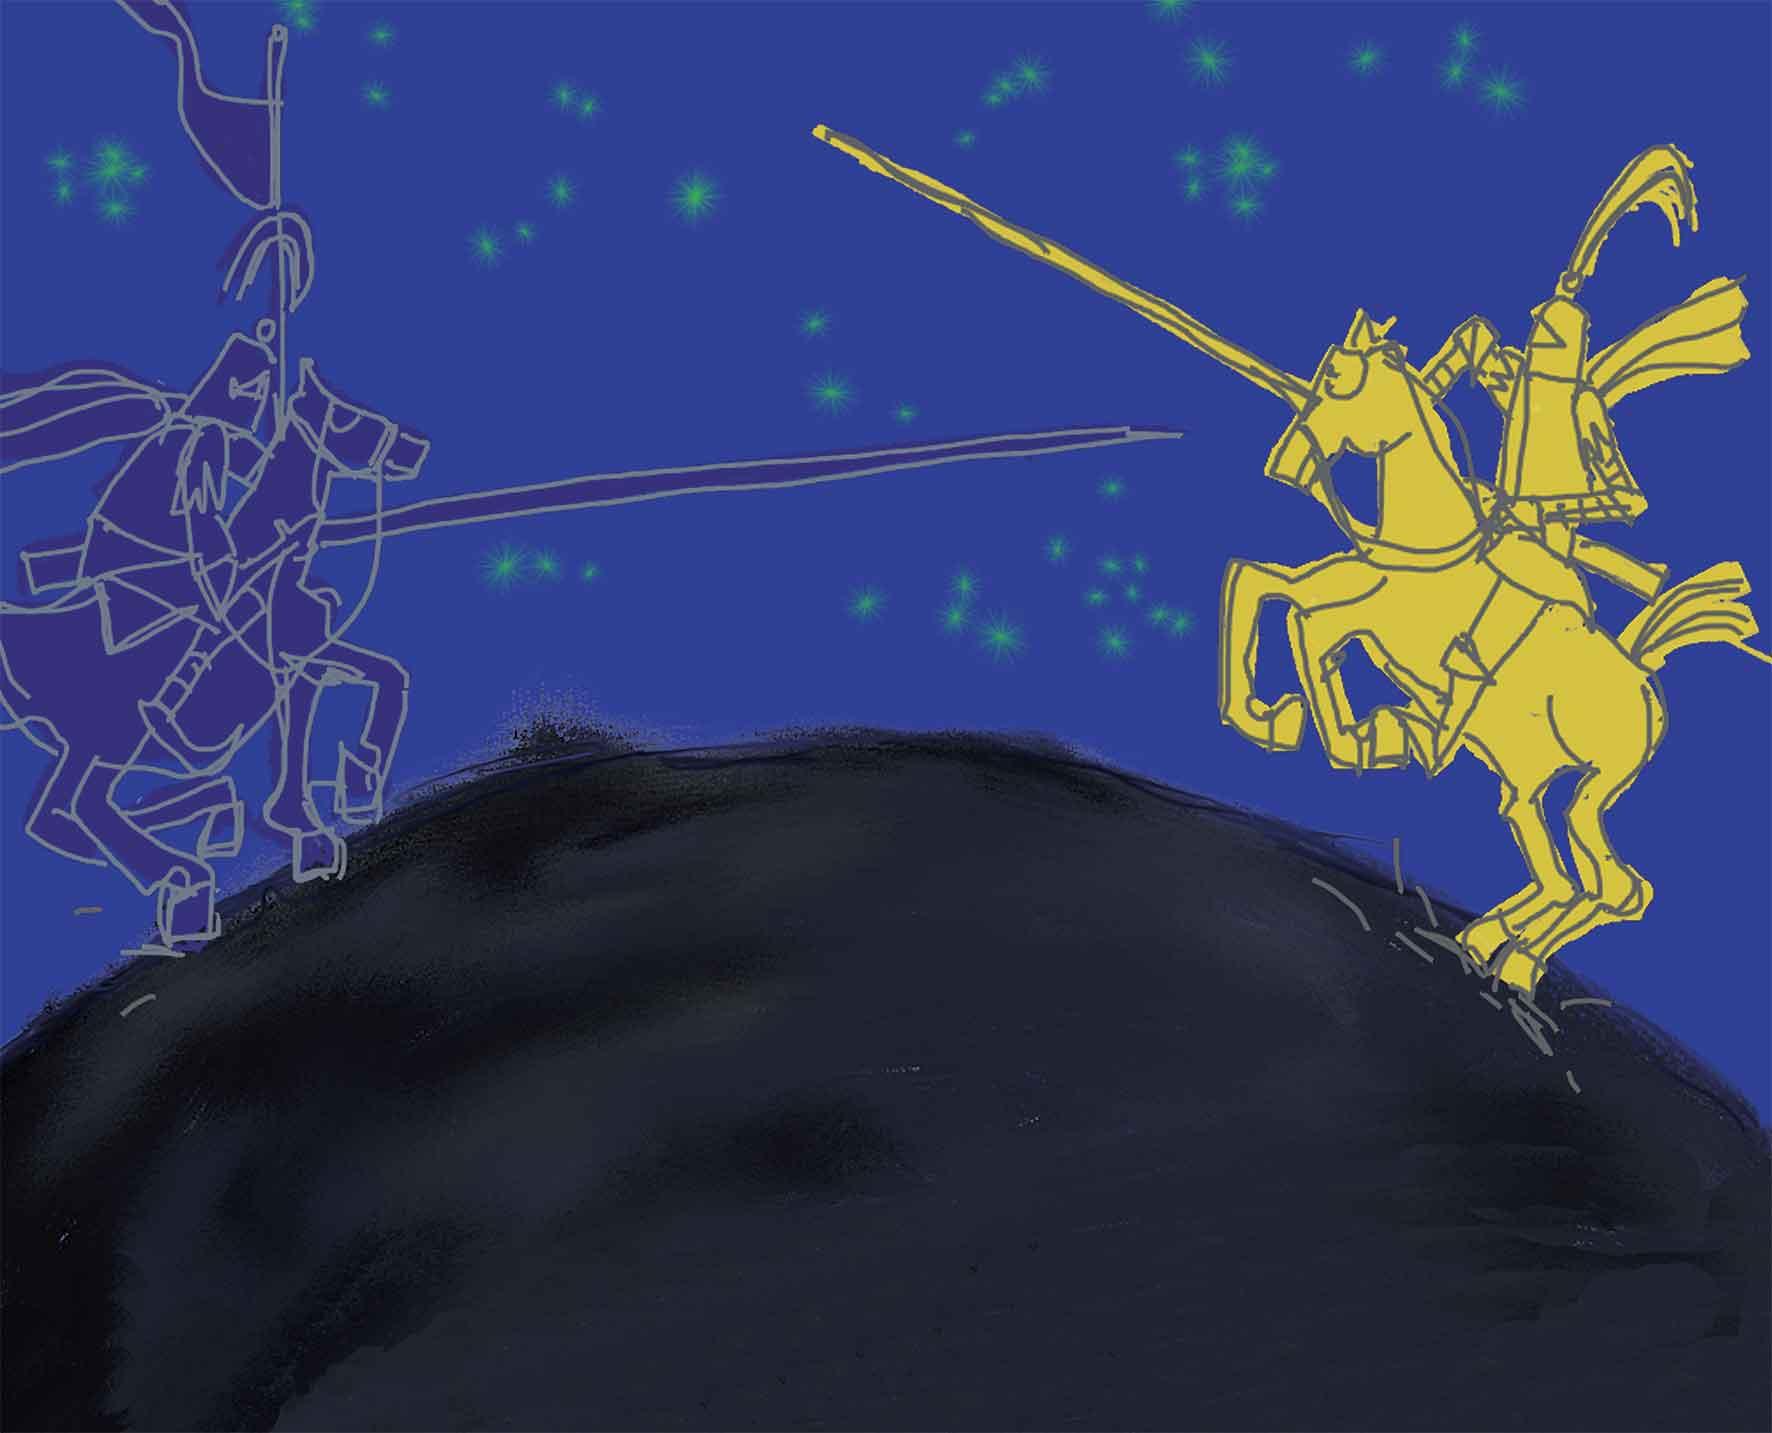 Piumini, La battaglia dei colori, libro illustrato per bambini, Interlinea edizioni